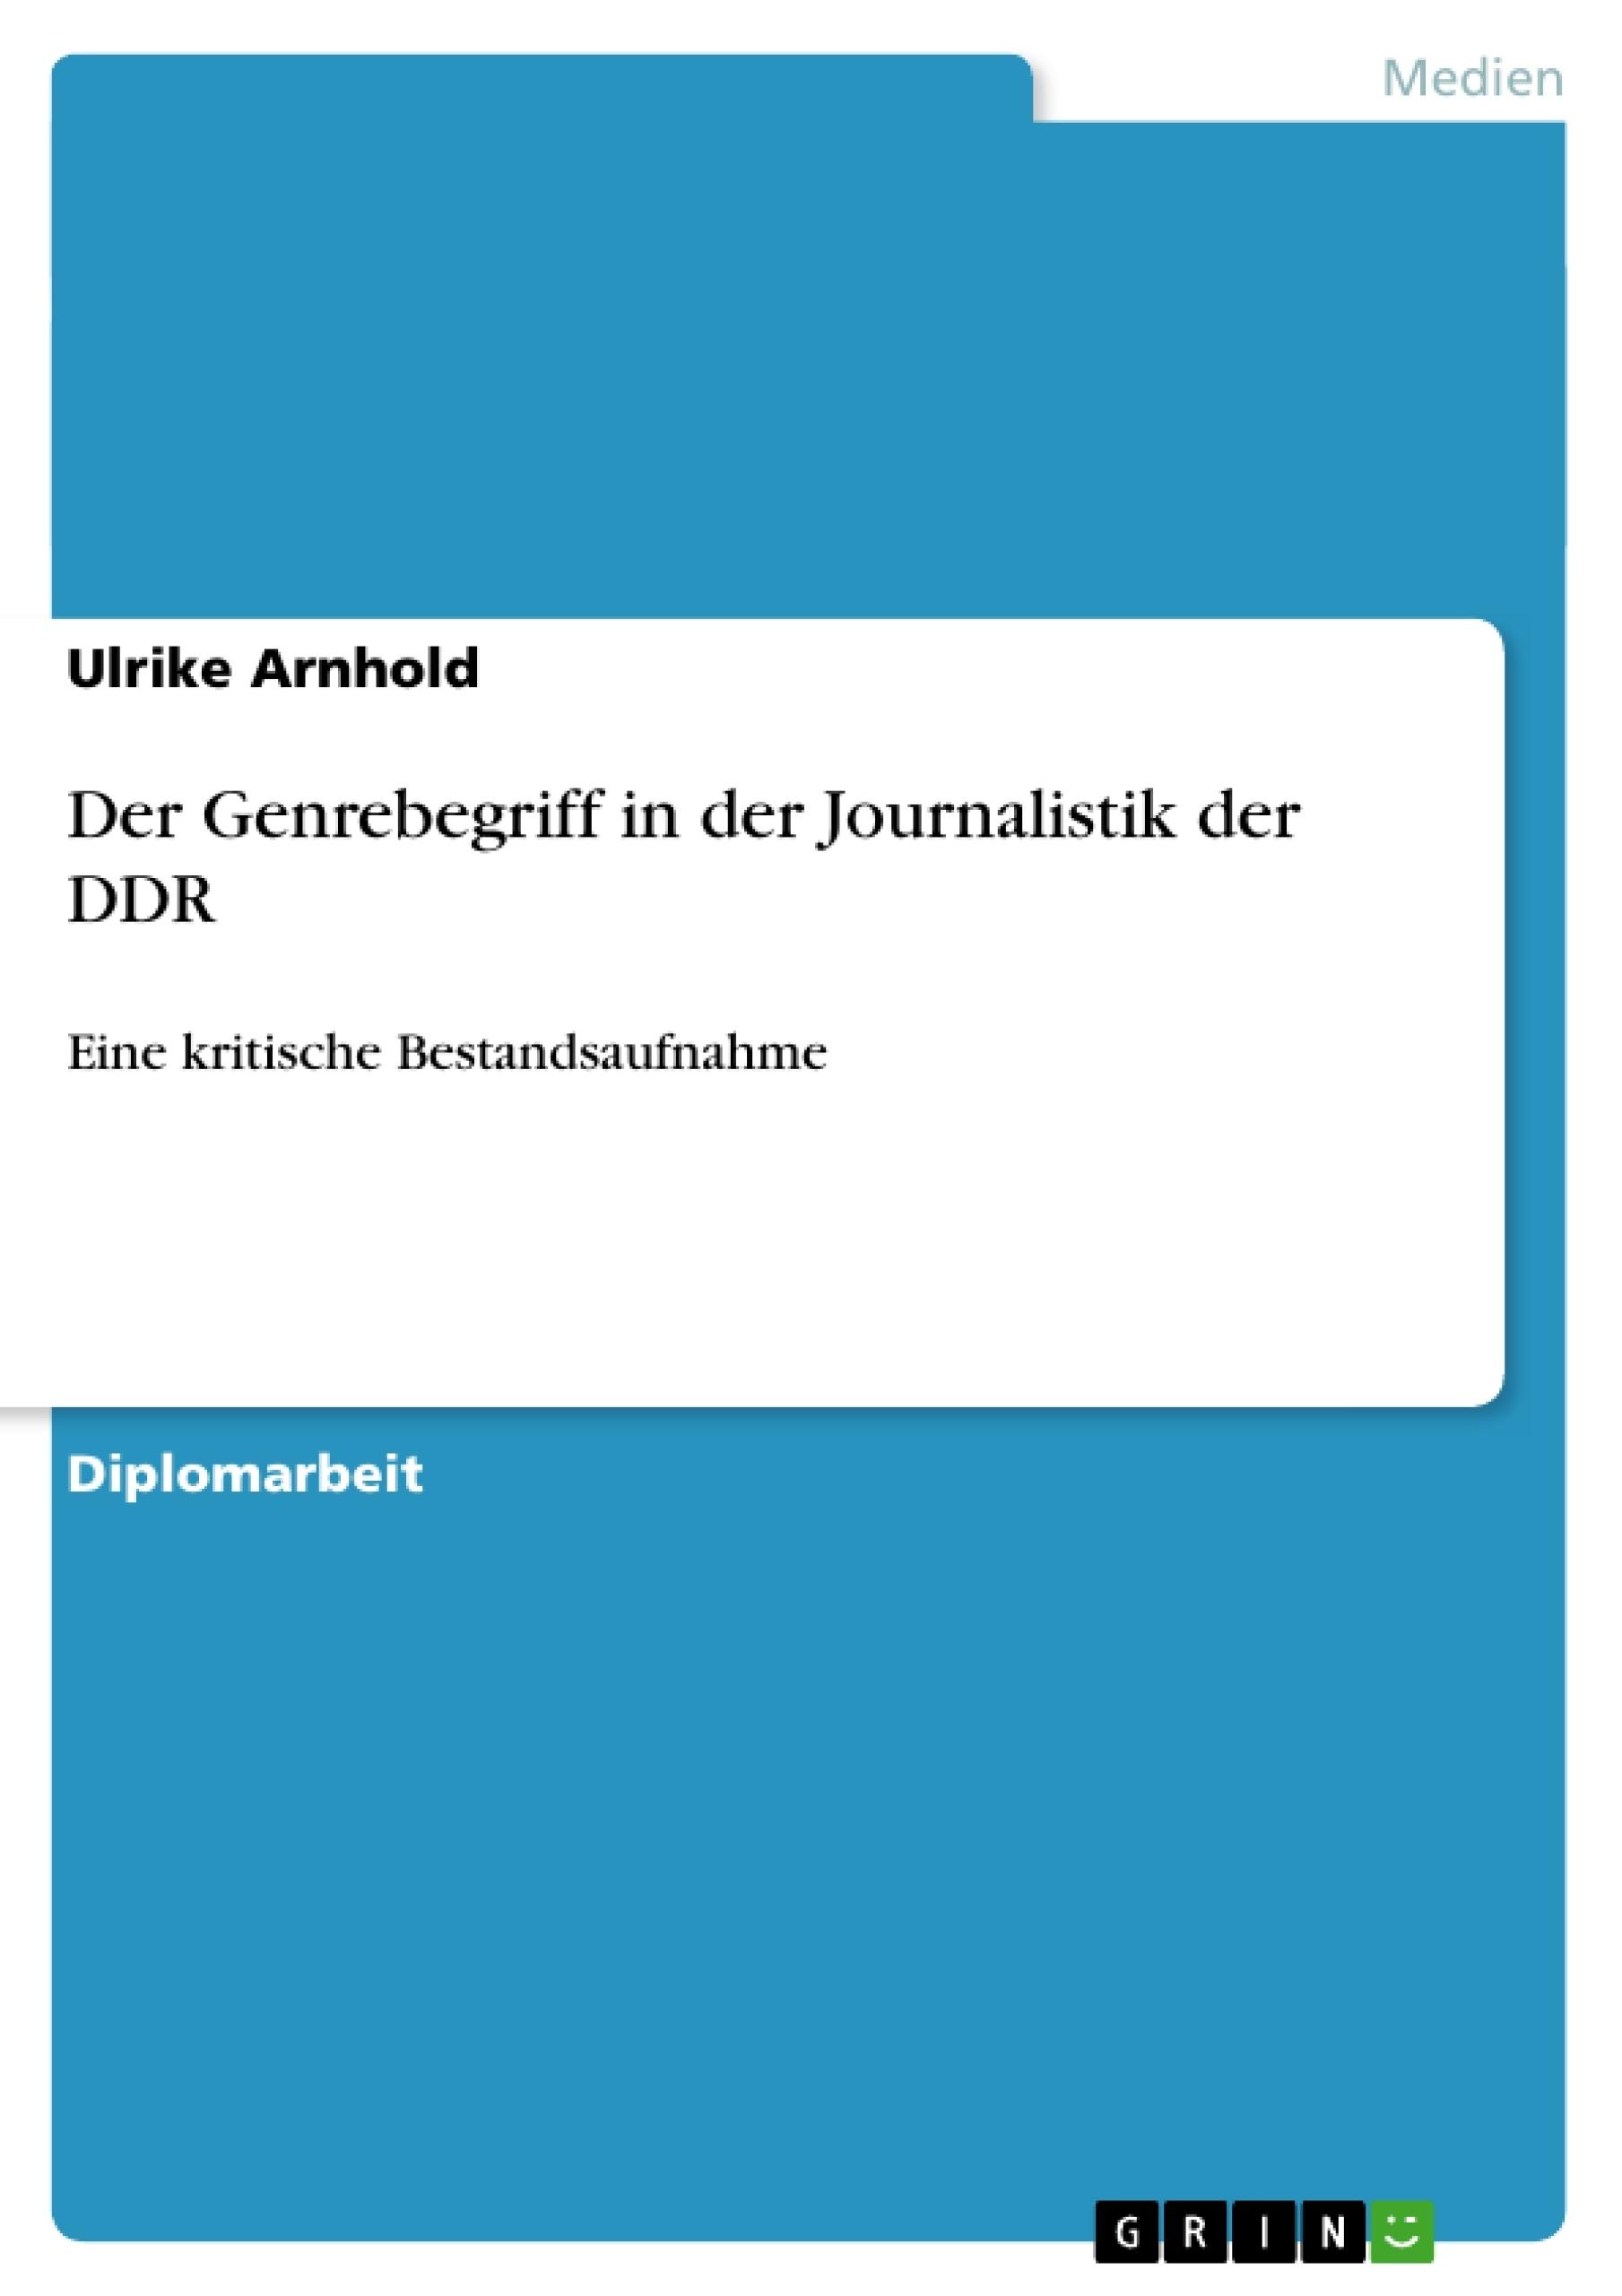 Titel: Der Genrebegriff in der Journalistik der DDR